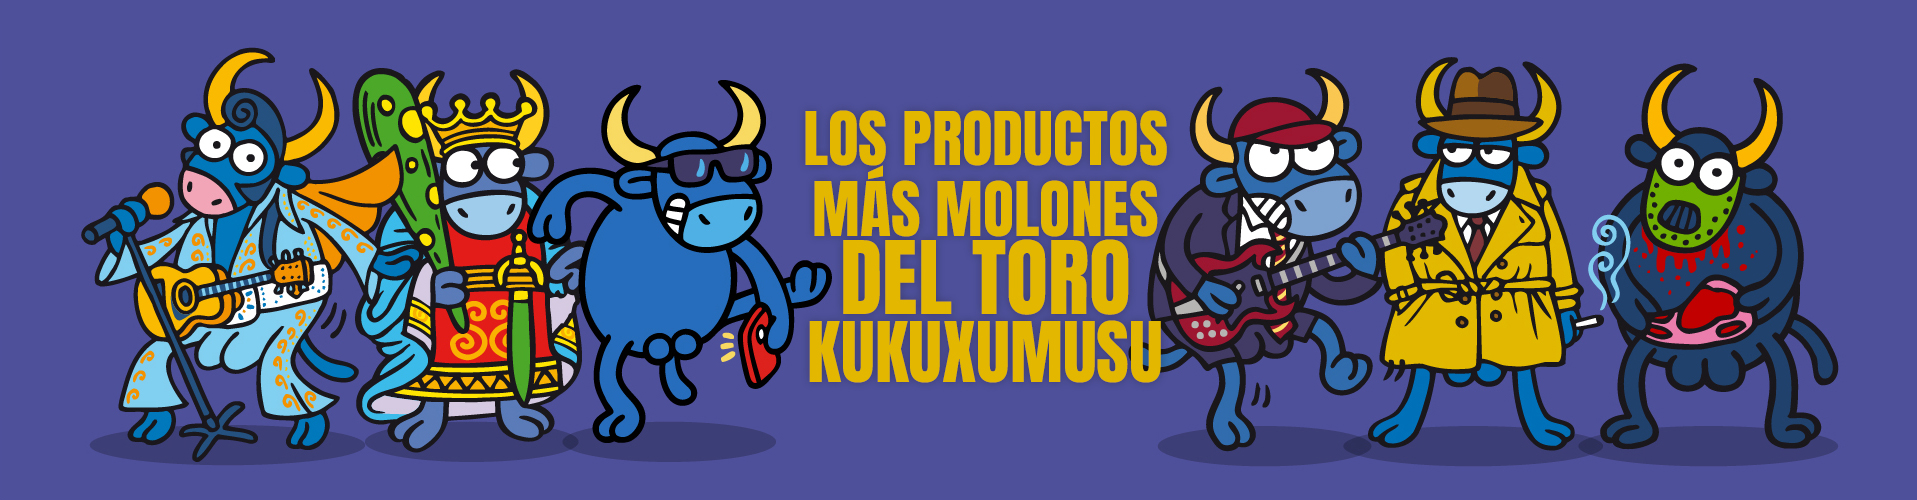 los productos más molones del toro kukuxumusu